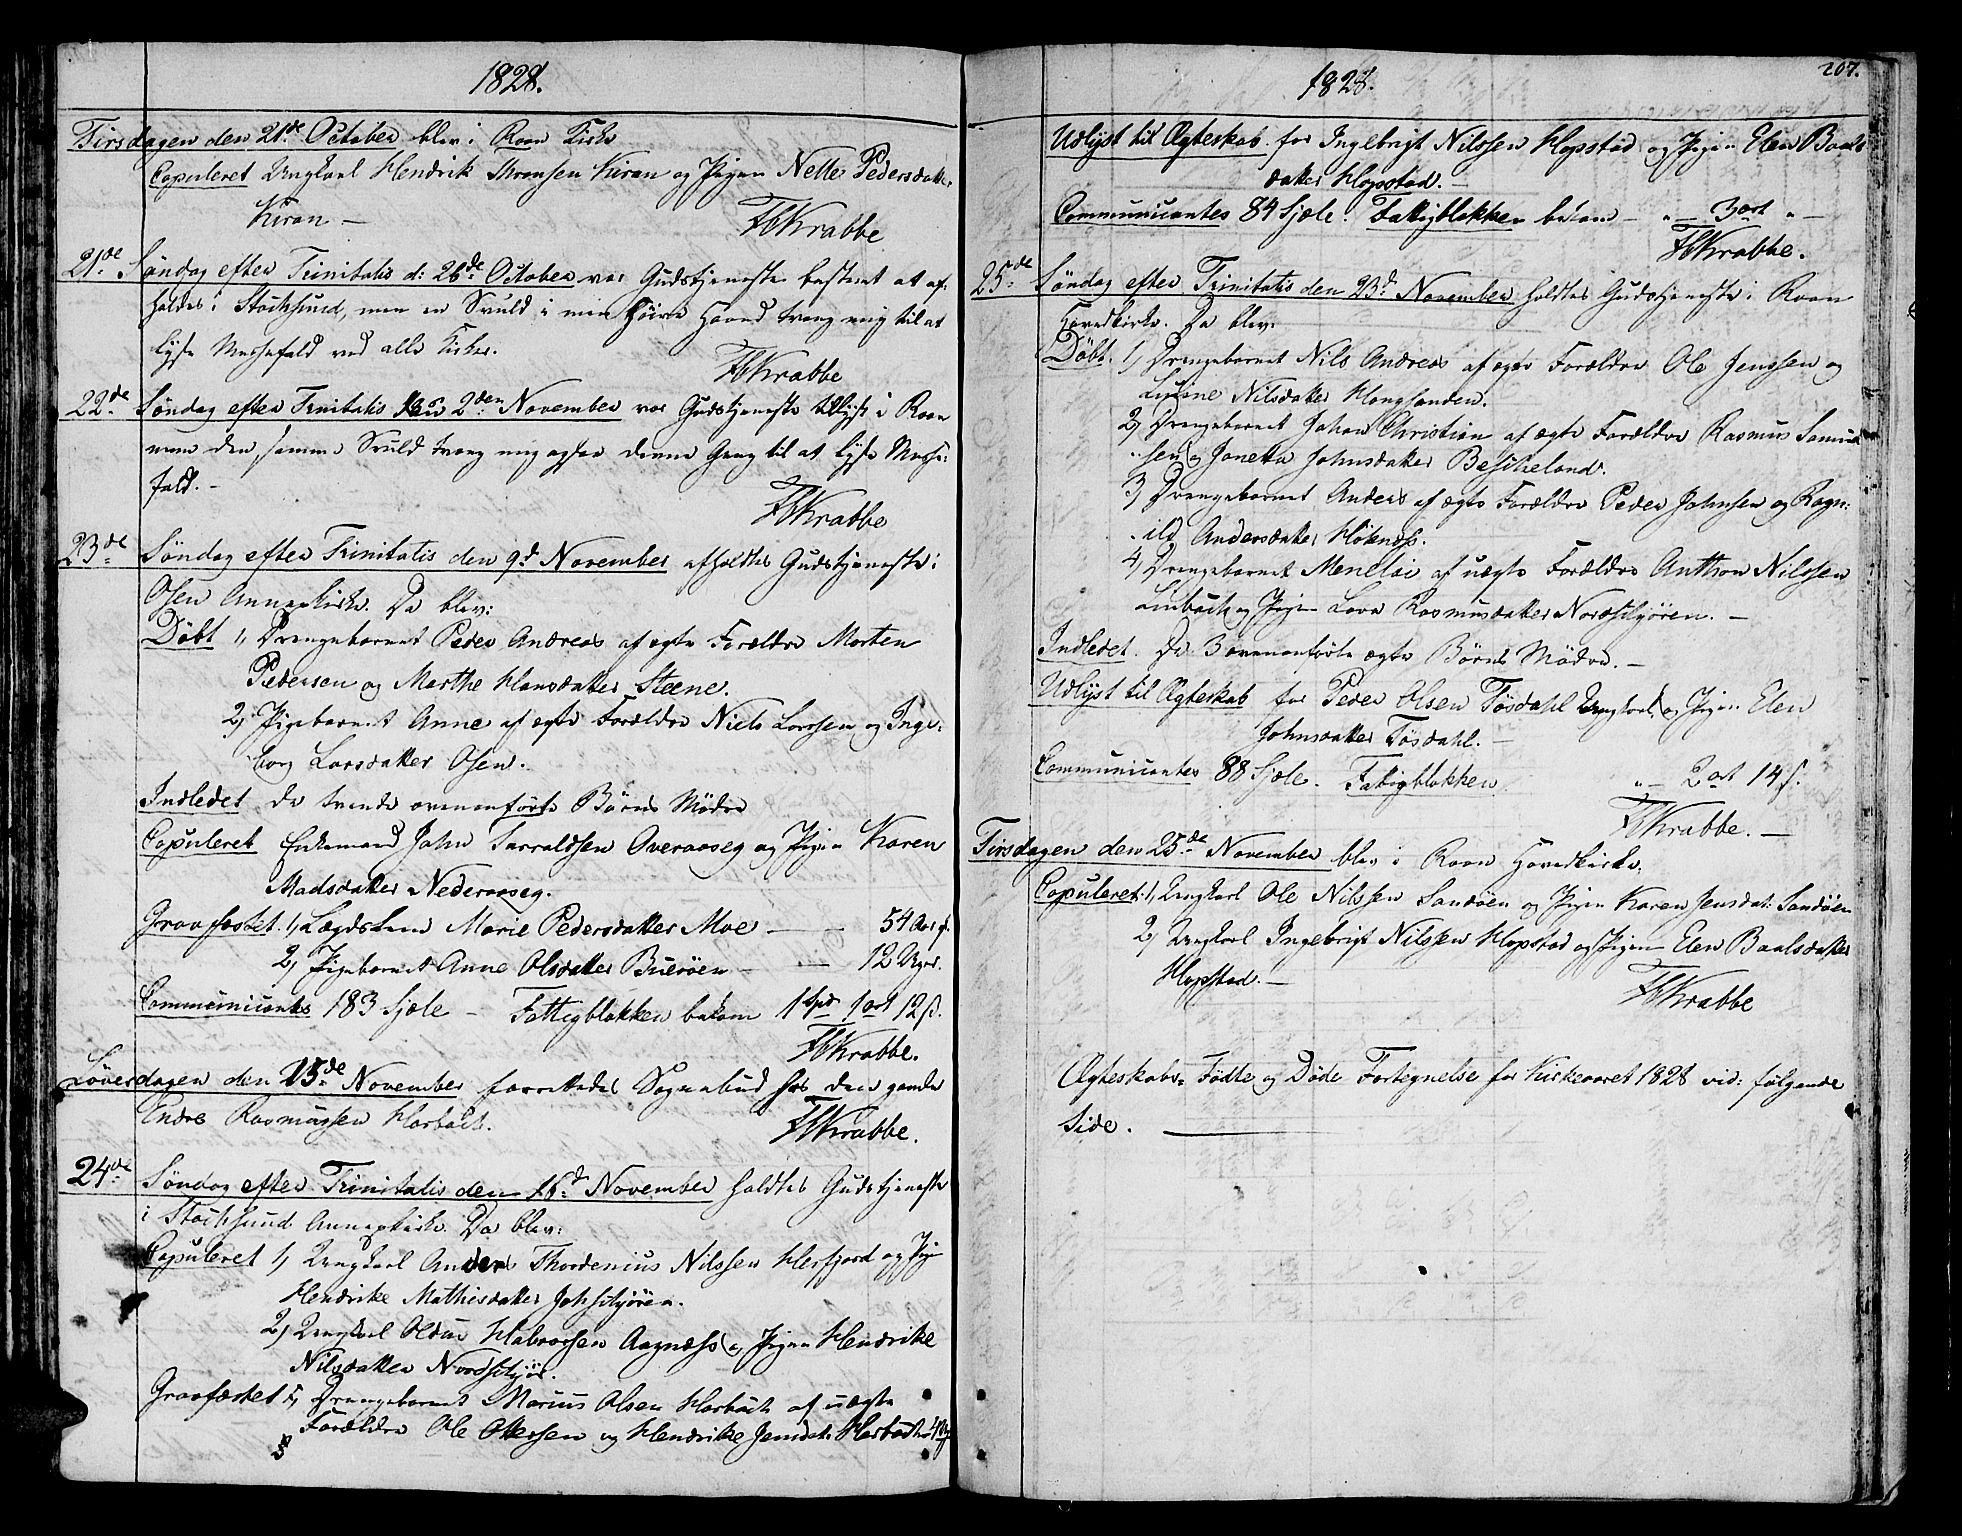 SAT, Ministerialprotokoller, klokkerbøker og fødselsregistre - Sør-Trøndelag, 657/L0701: Ministerialbok nr. 657A02, 1802-1831, s. 207